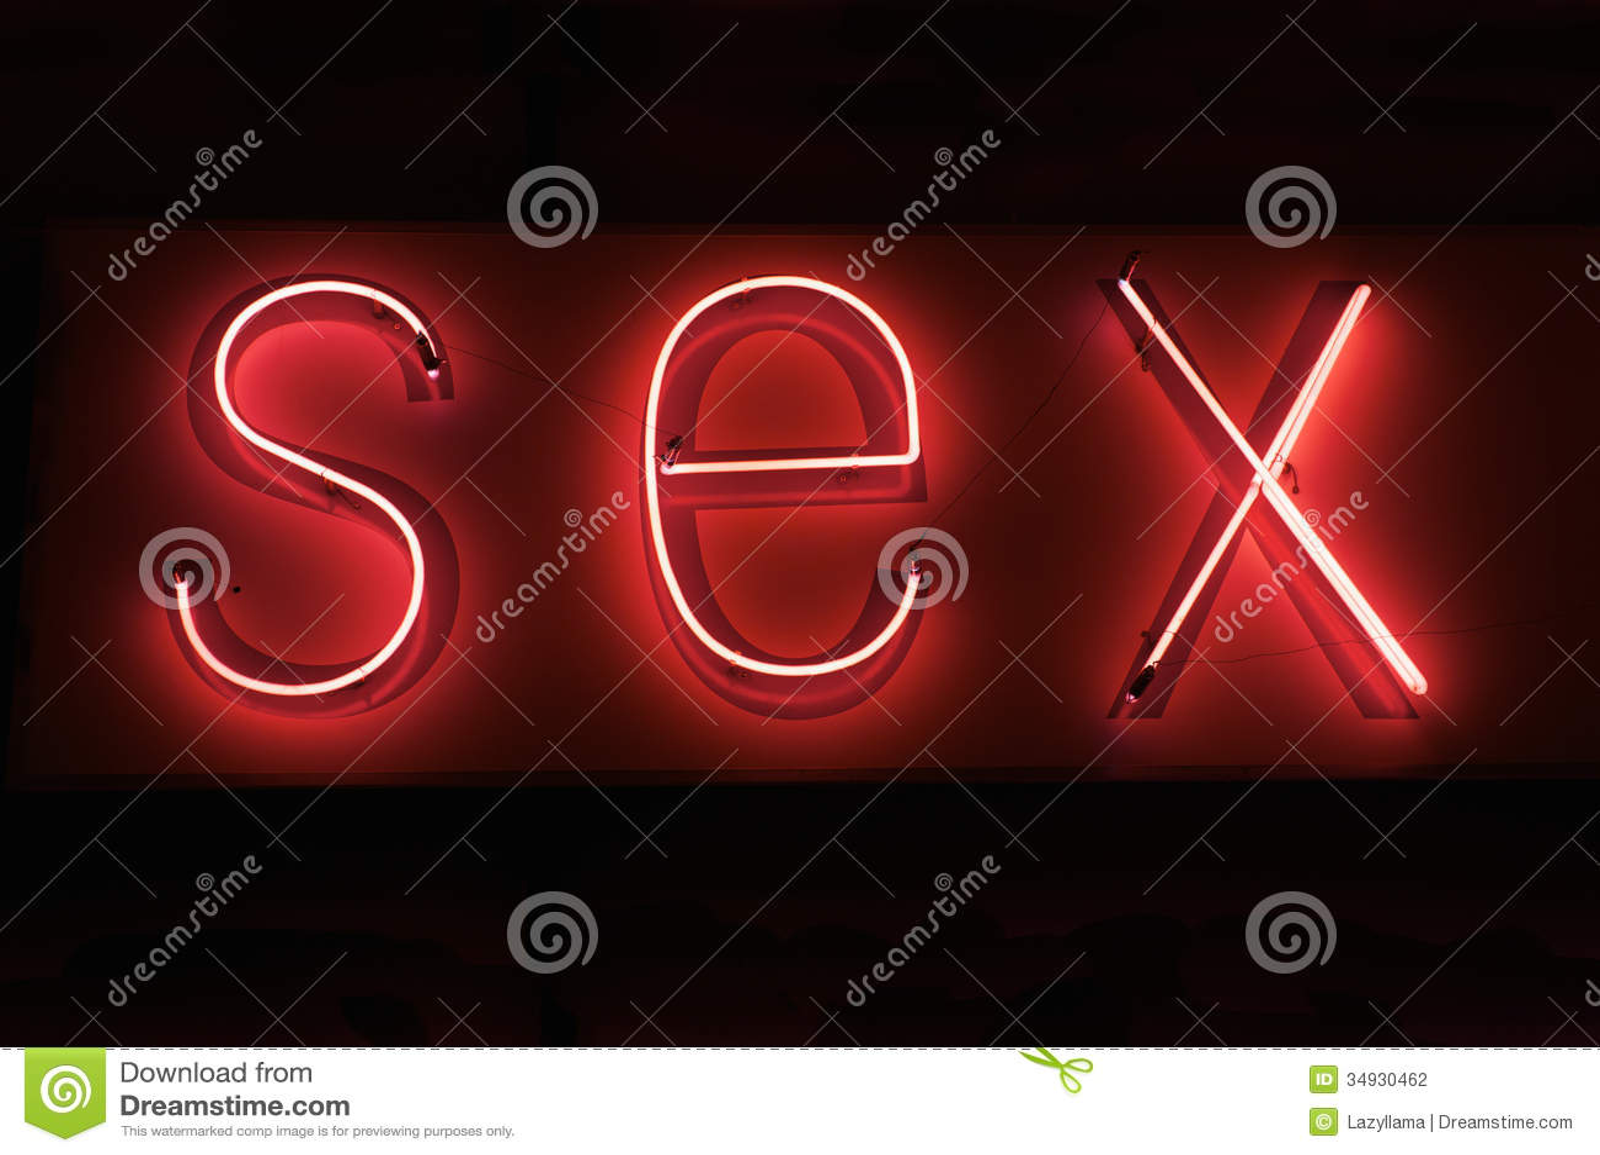 Heißes rotes Neon des SEXS auf schwarzem Hintergrund